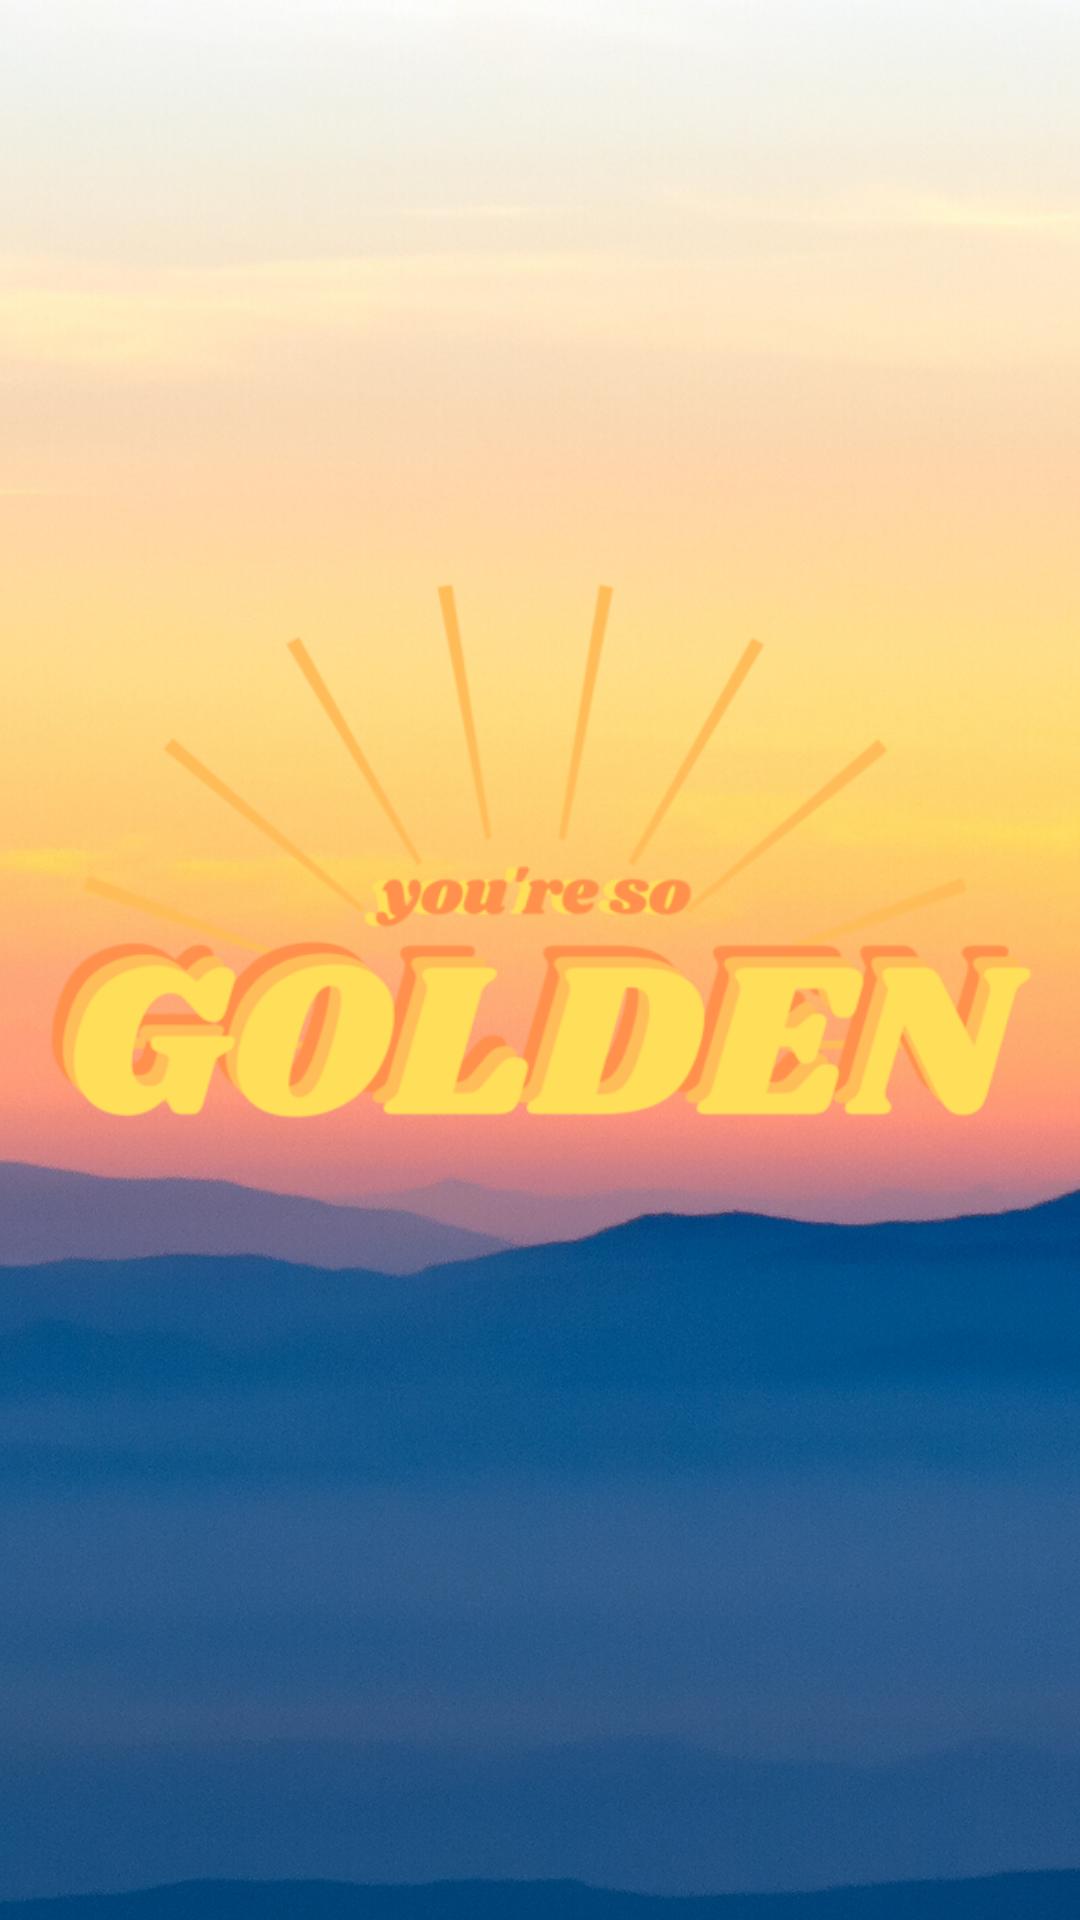 Golden Harry Styles Lockscreen In 2020 Style Lyrics Harry Styles Wallpaper Iphone Harry Styles Lockscreen